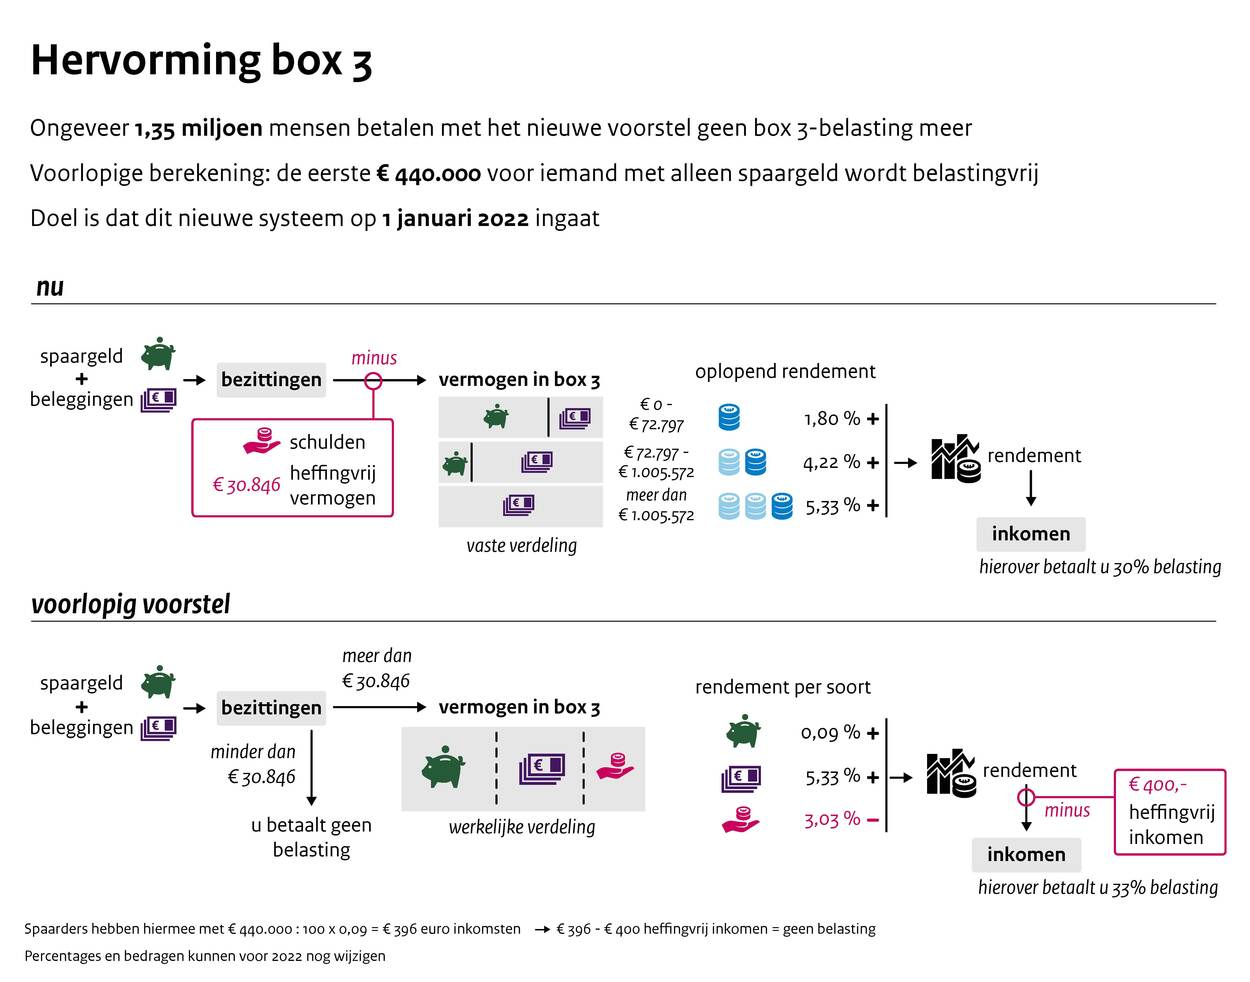 https://www.rijksoverheid.nl/binaries/large/content/gallery/rijksoverheid/content-afbeeldingen/nieuws-alleen-centrale-redactie/content/2019/09/06/infographic-hervorming-box-3.jpg